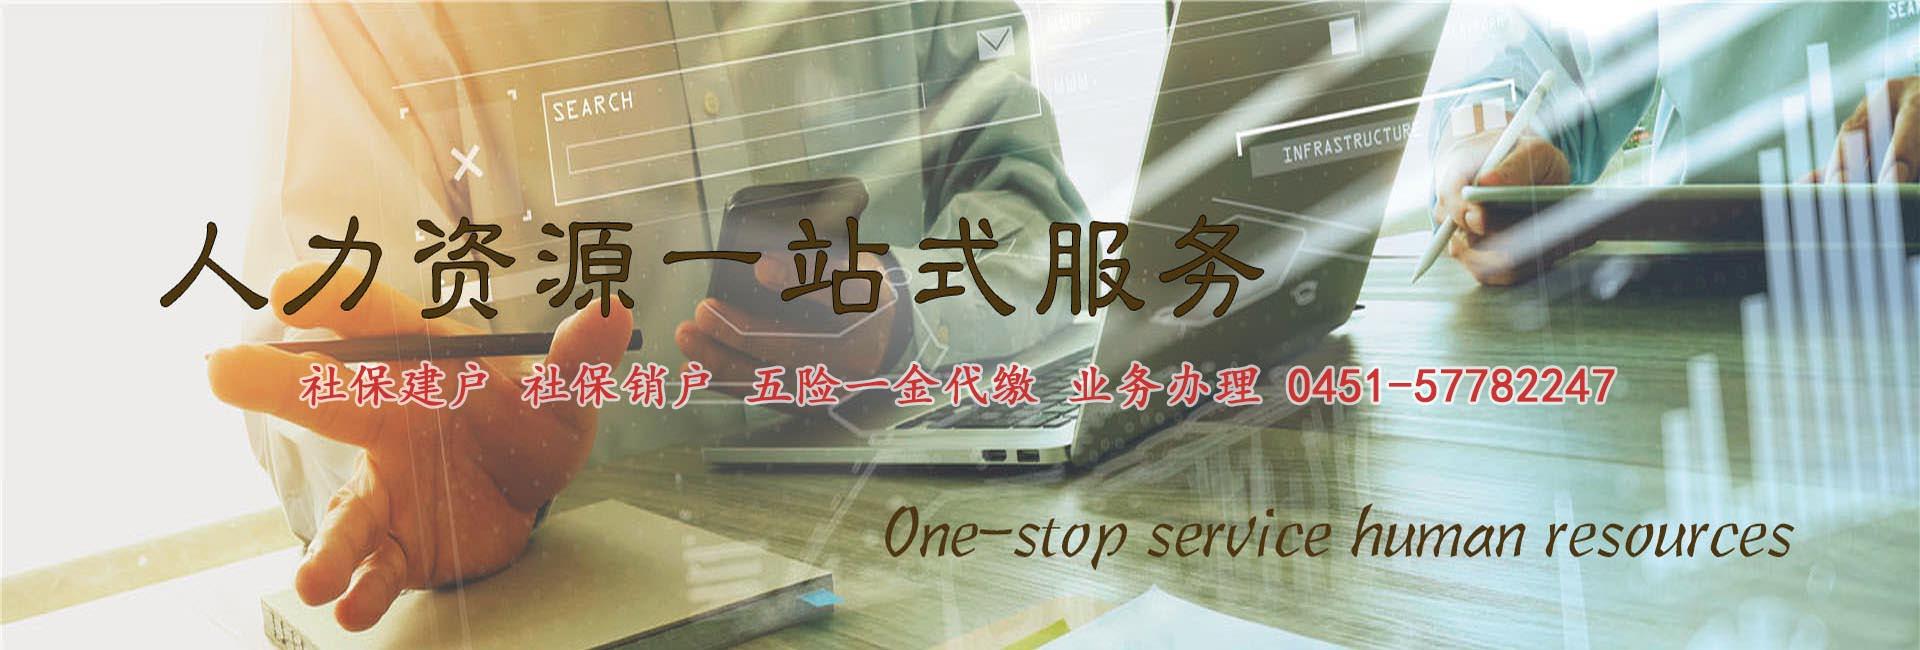 哈尔滨众德人力资源提供一站式人力资源服务